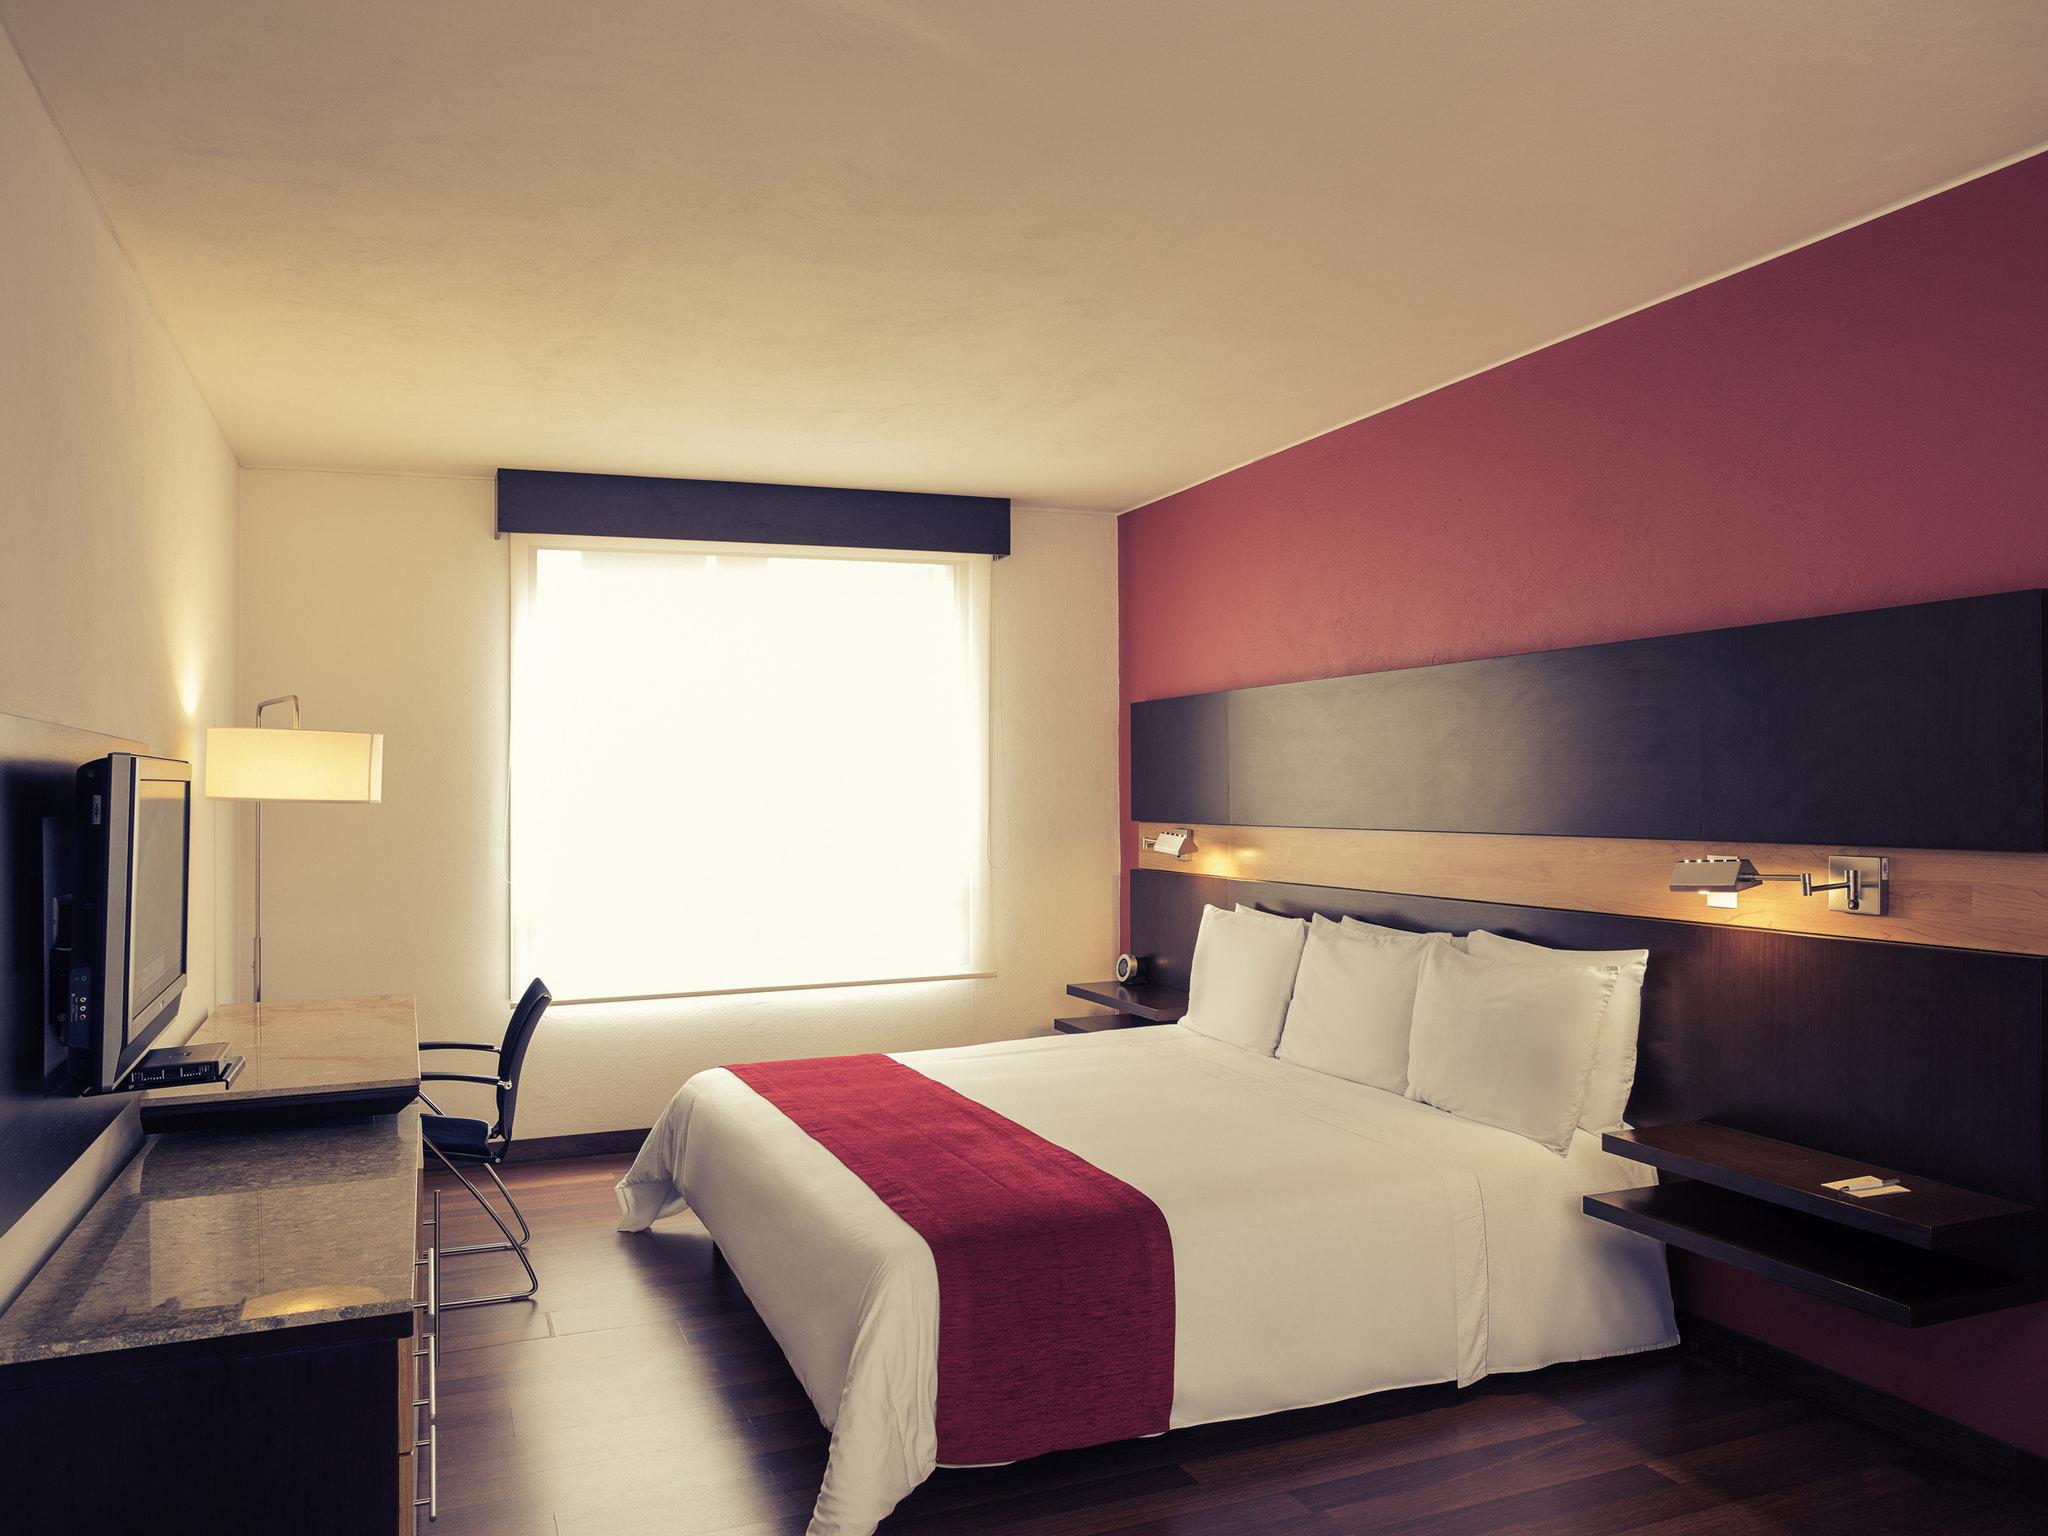 酒店 – 波哥大 BH 雷蒂罗美居酒店